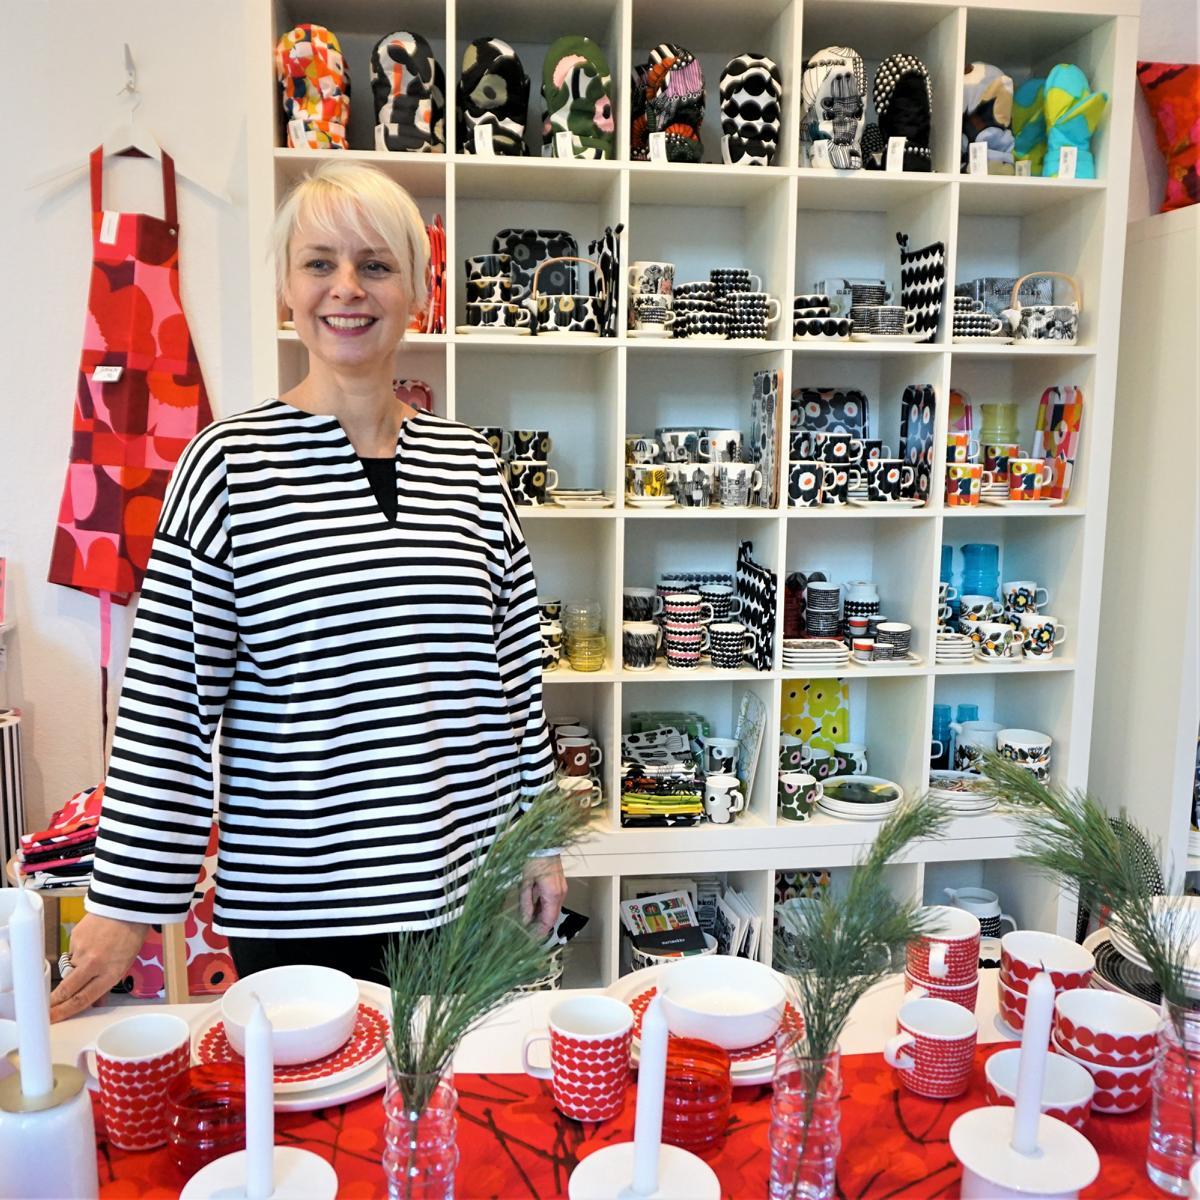 style hannover kukkamari 14 - kukkamari - finnisches Design in Hannover